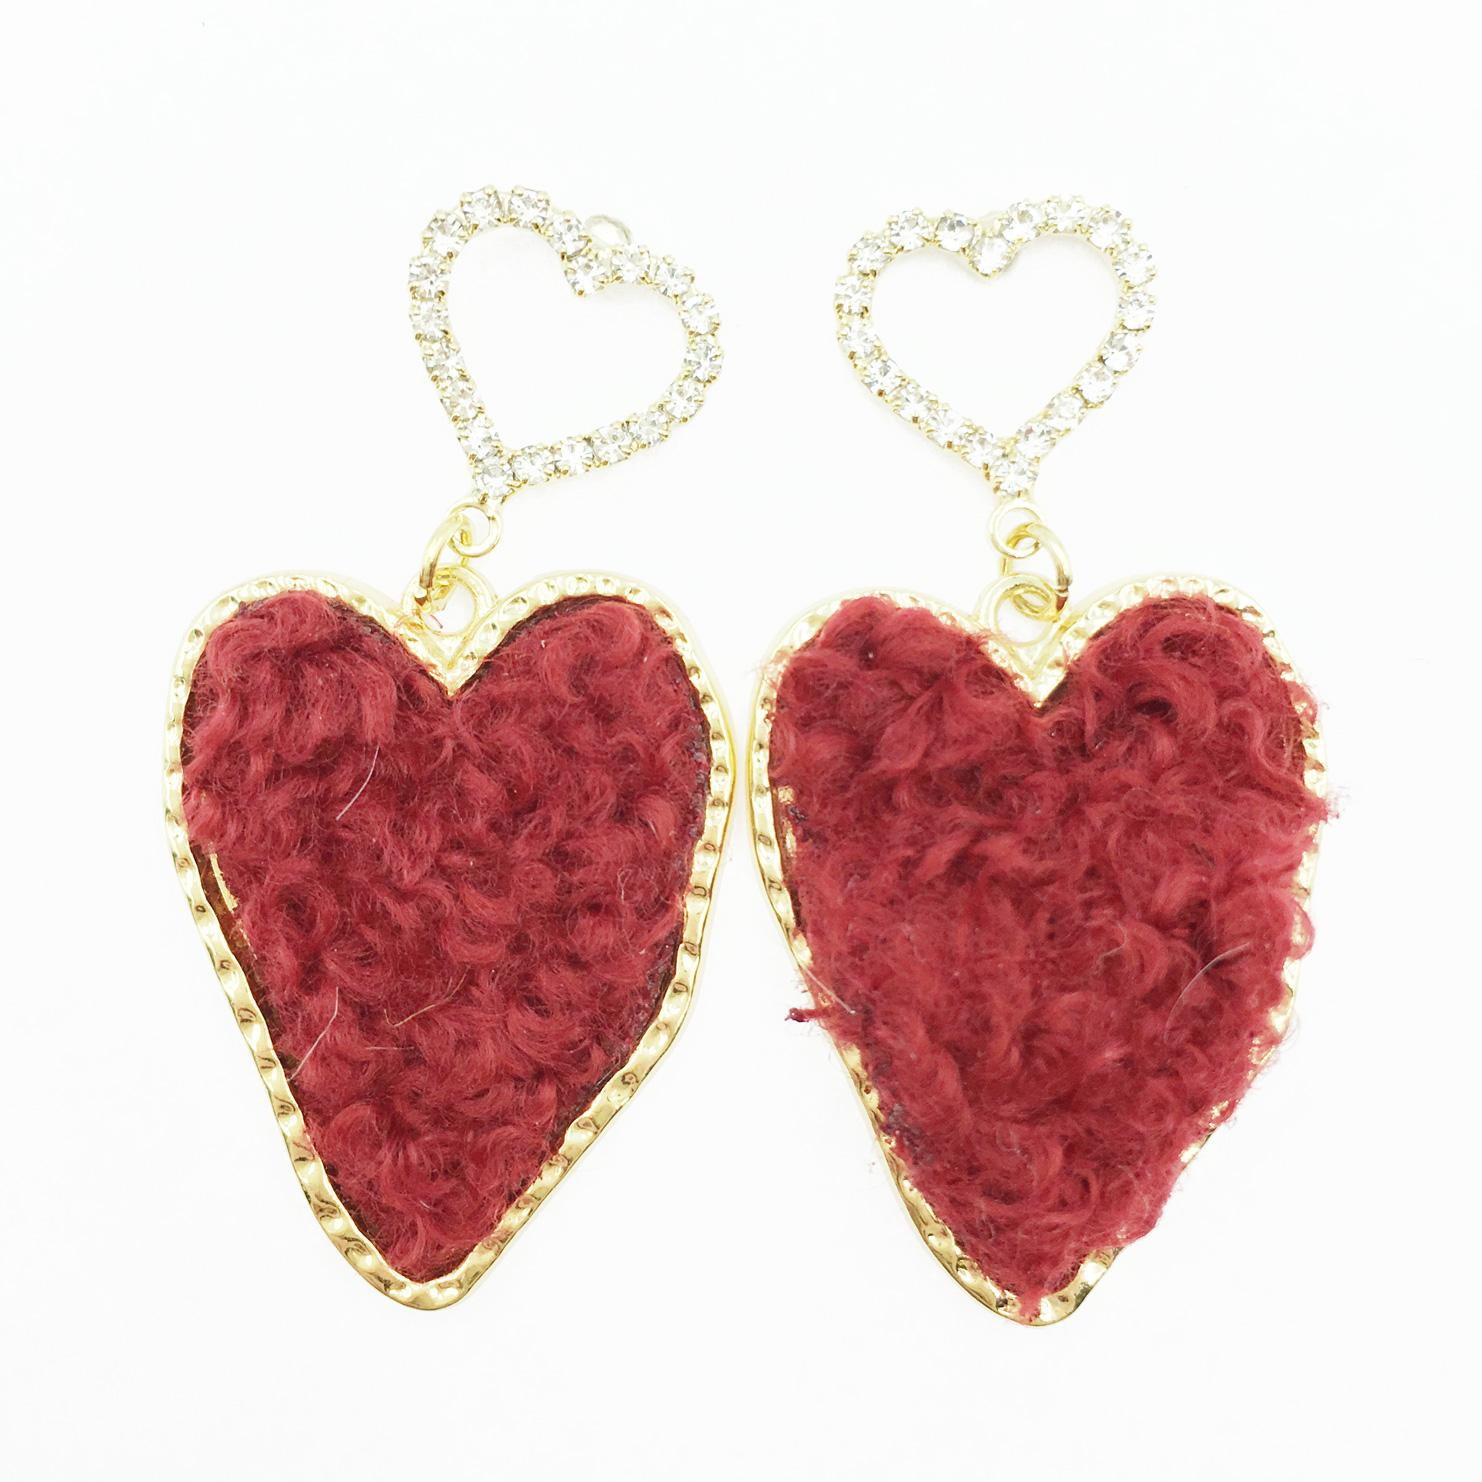 韓國 925純銀 水鑽愛心 毛線 甜美款 酒紅 垂墜感 耳針式耳環